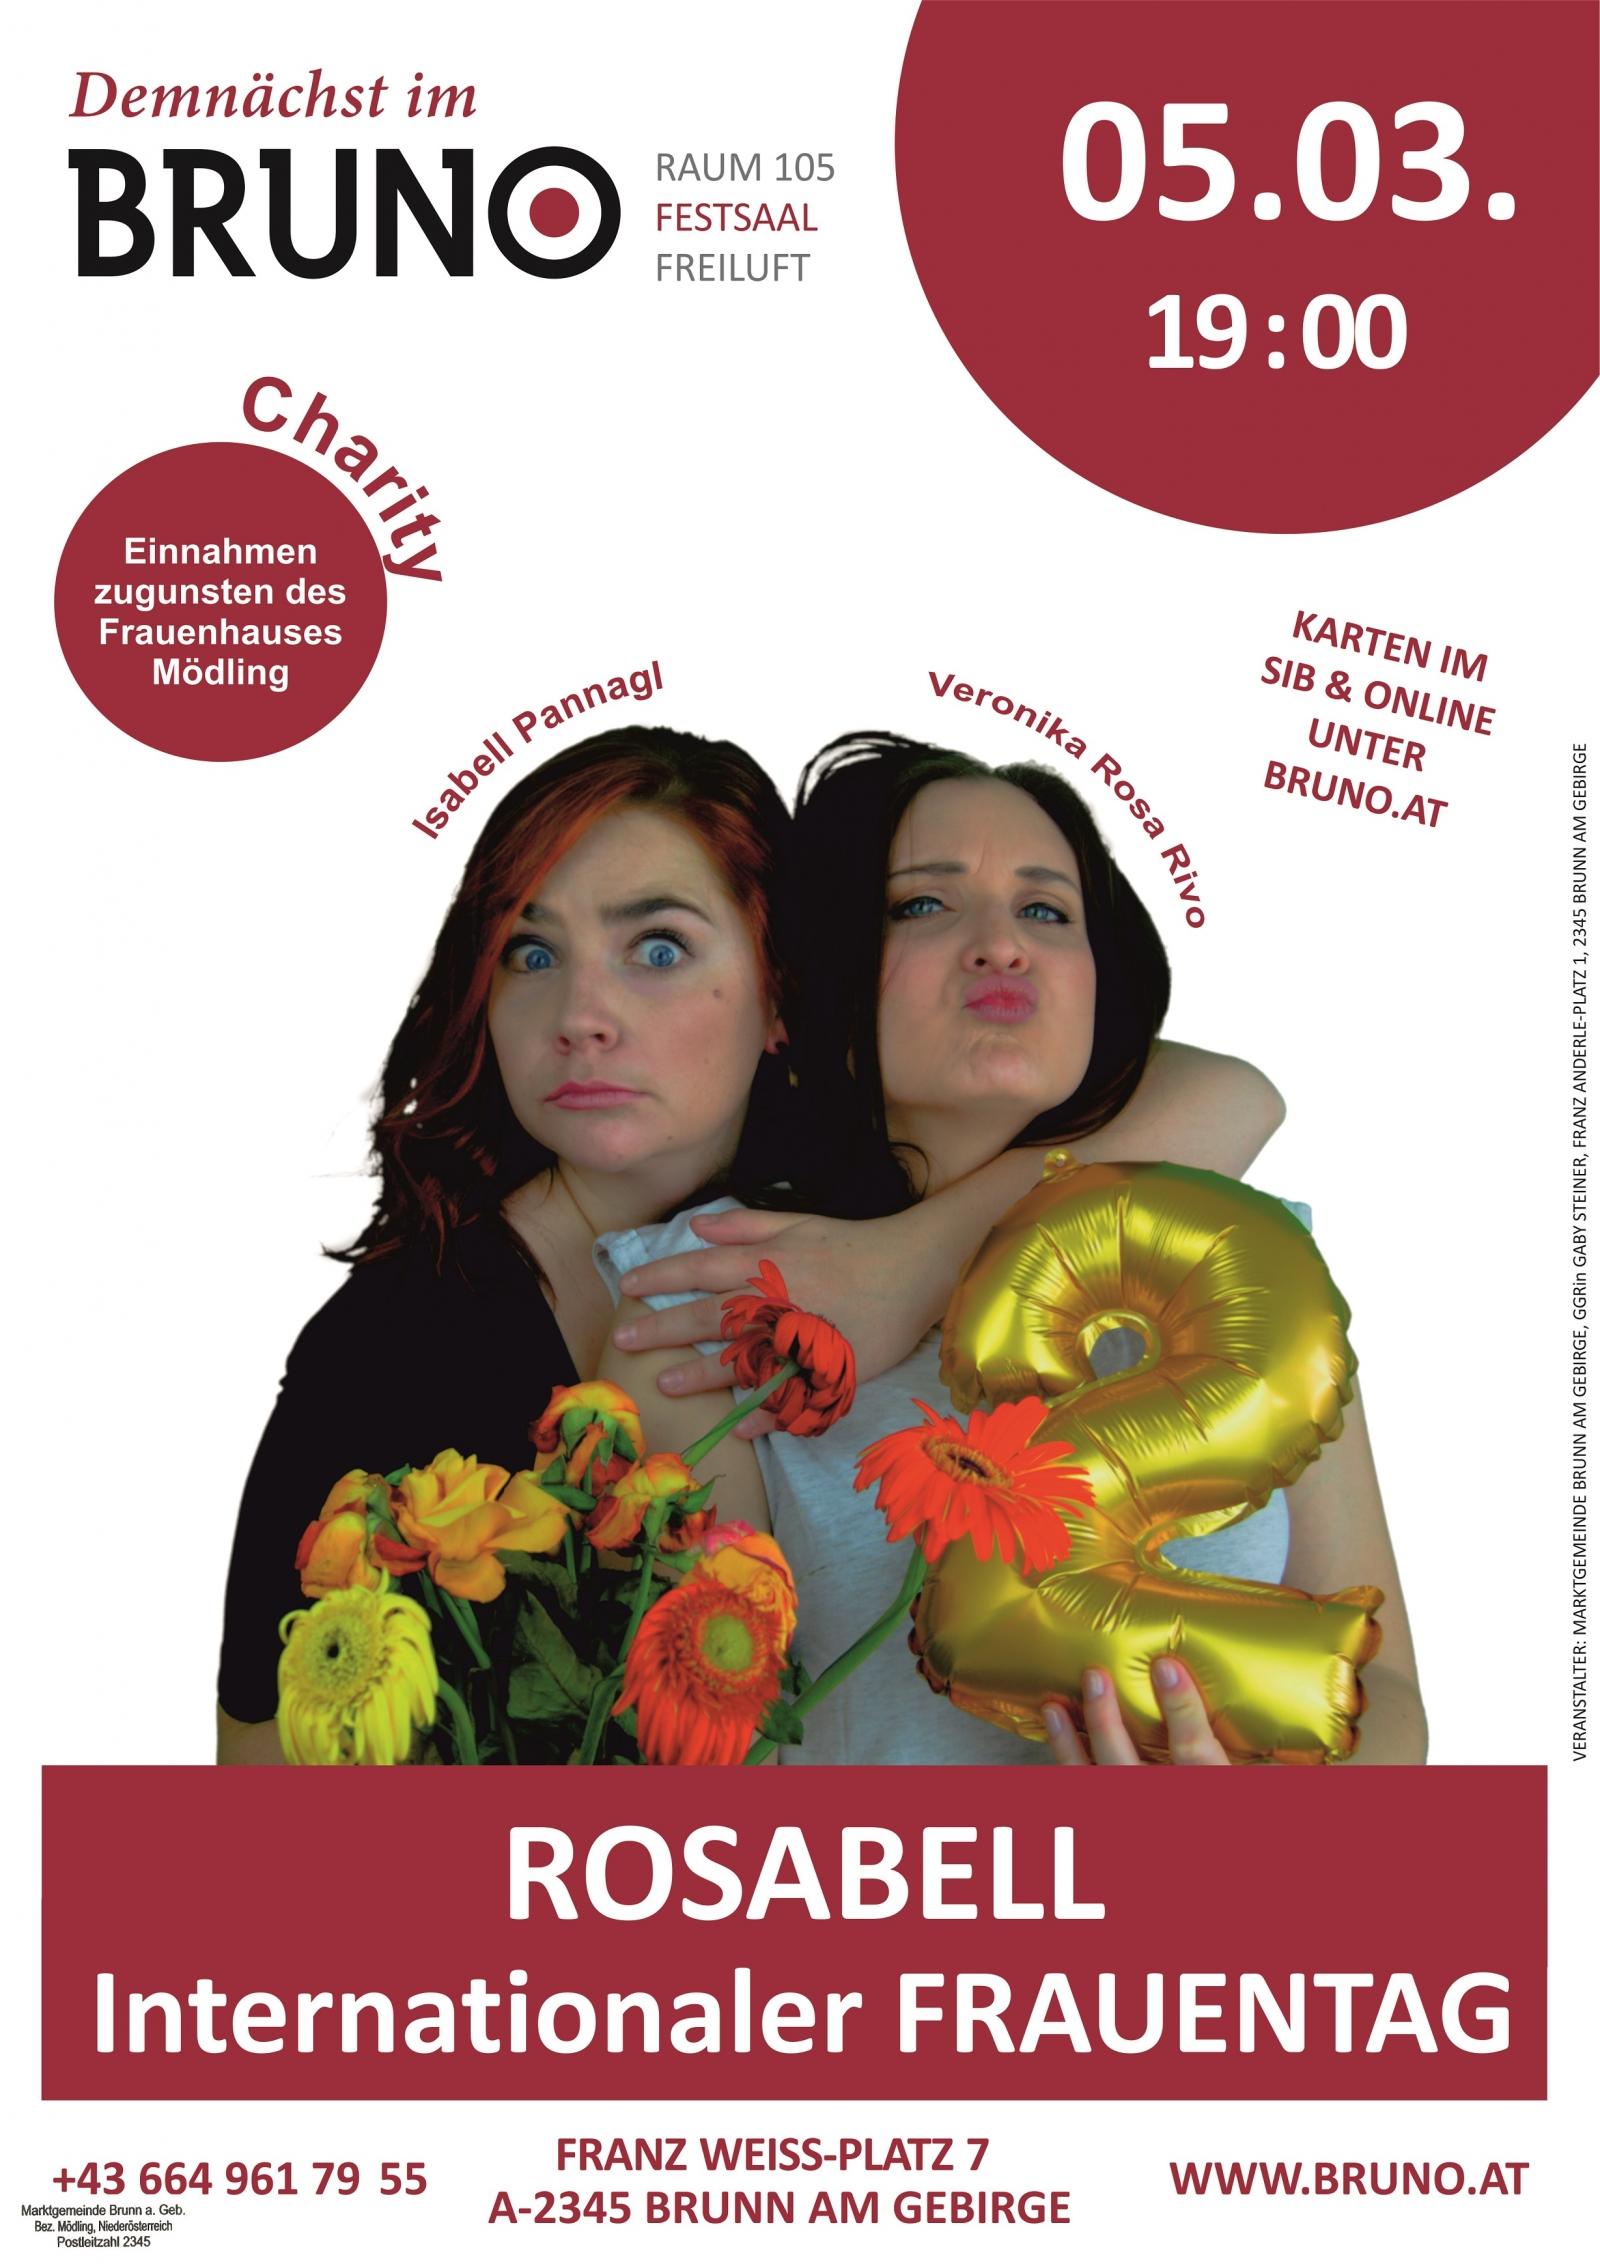 Rosabell - Wenn's passt, dann passt's